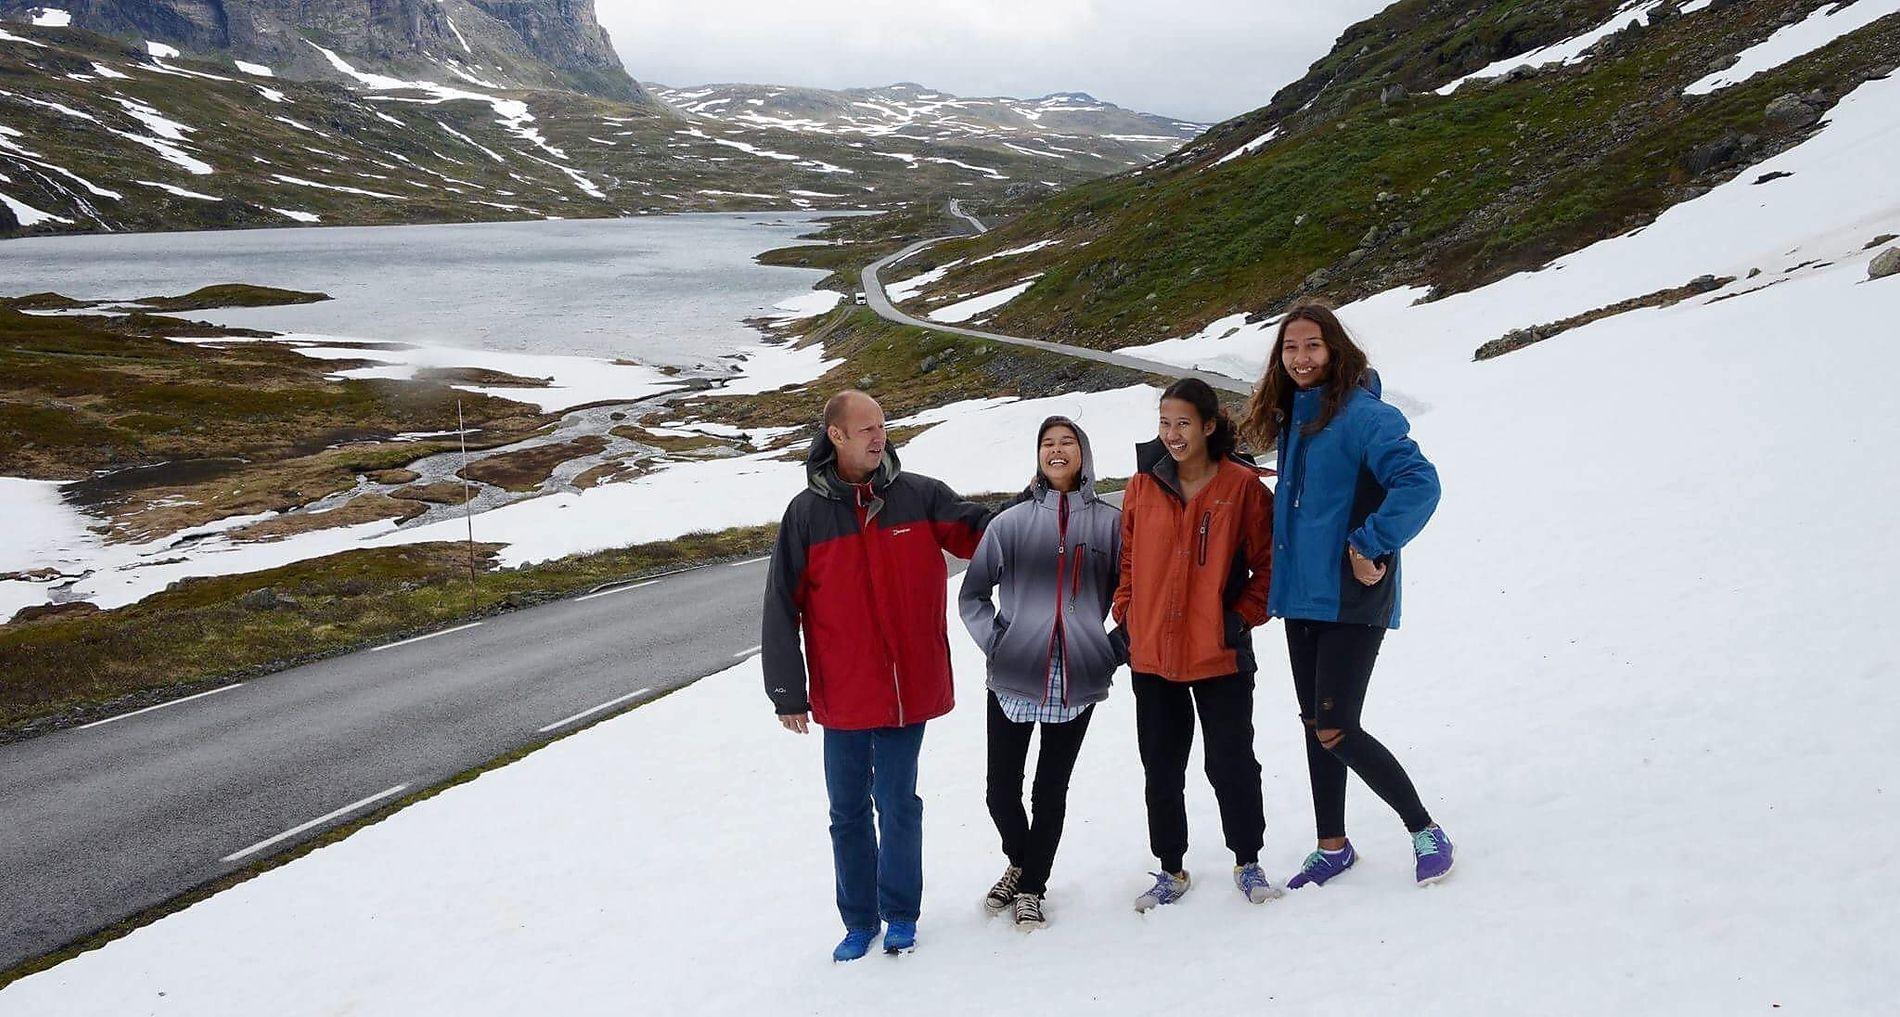 FAMILIE: Terje Holte Nilsen er far til tre døtre, som alle har fått det norske etternavnet Holte Nilsen. Fra venstre Terje, Achintya (18), Ananda (16) og Gayatri (17).